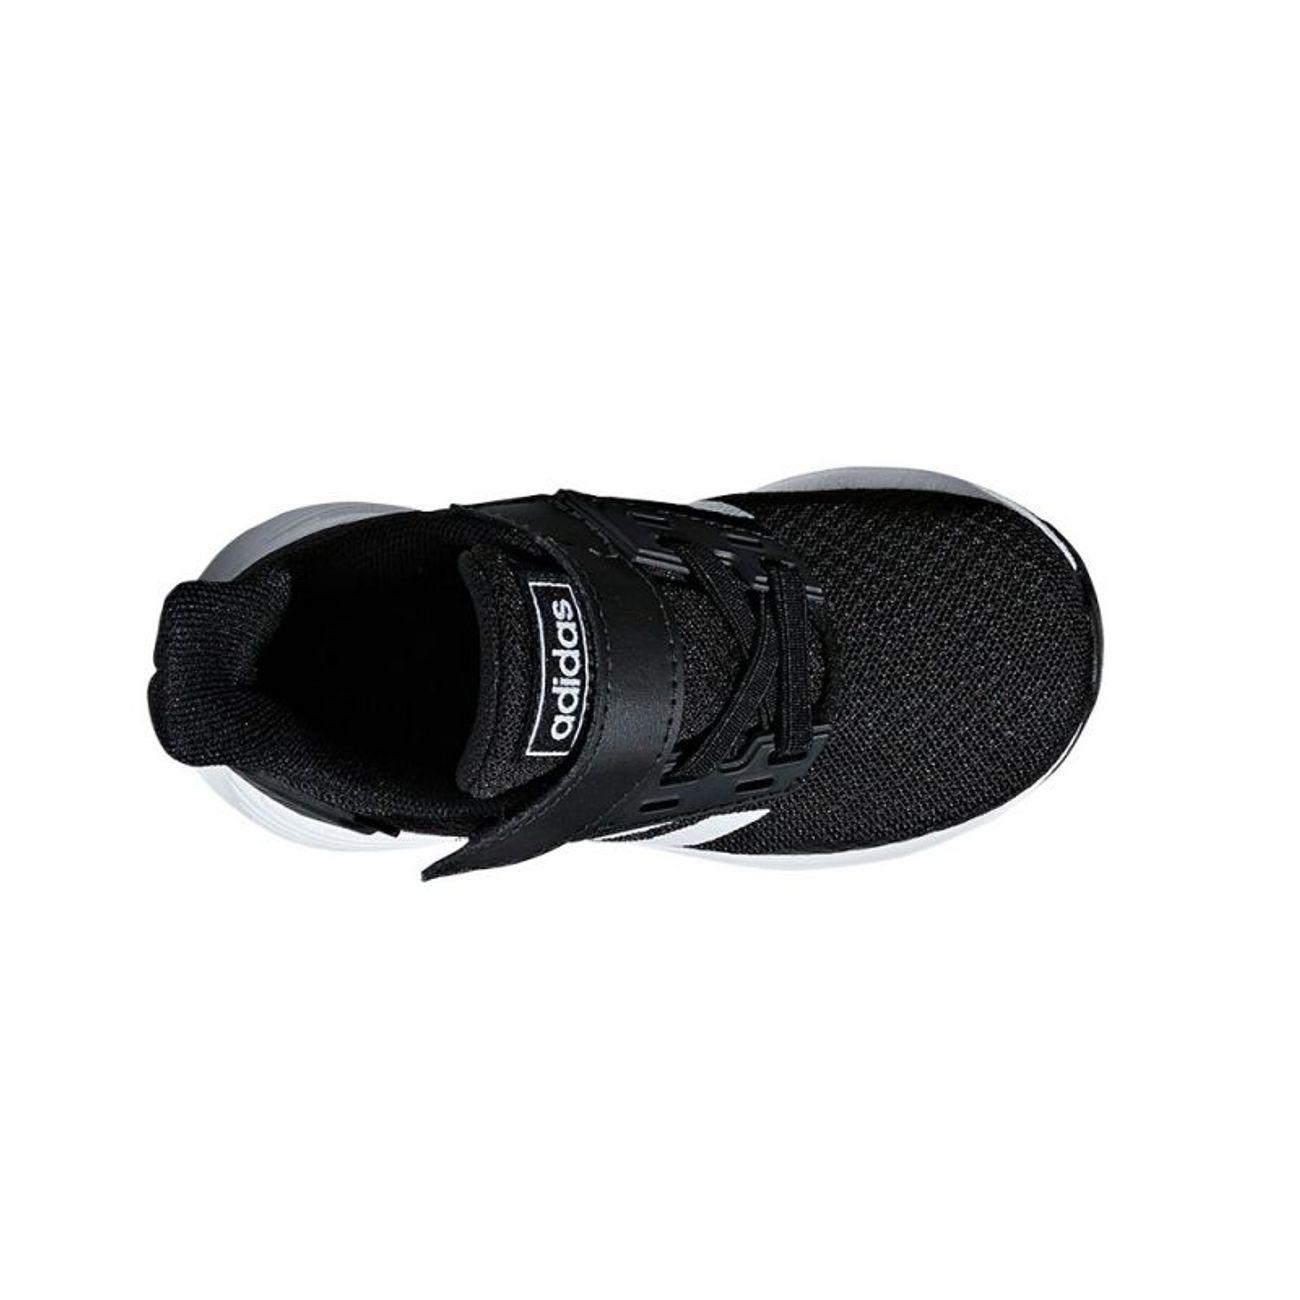 Enfant Padel Bc0824 Adidas 9 Gris Adulte Duramo WEIYeDH29